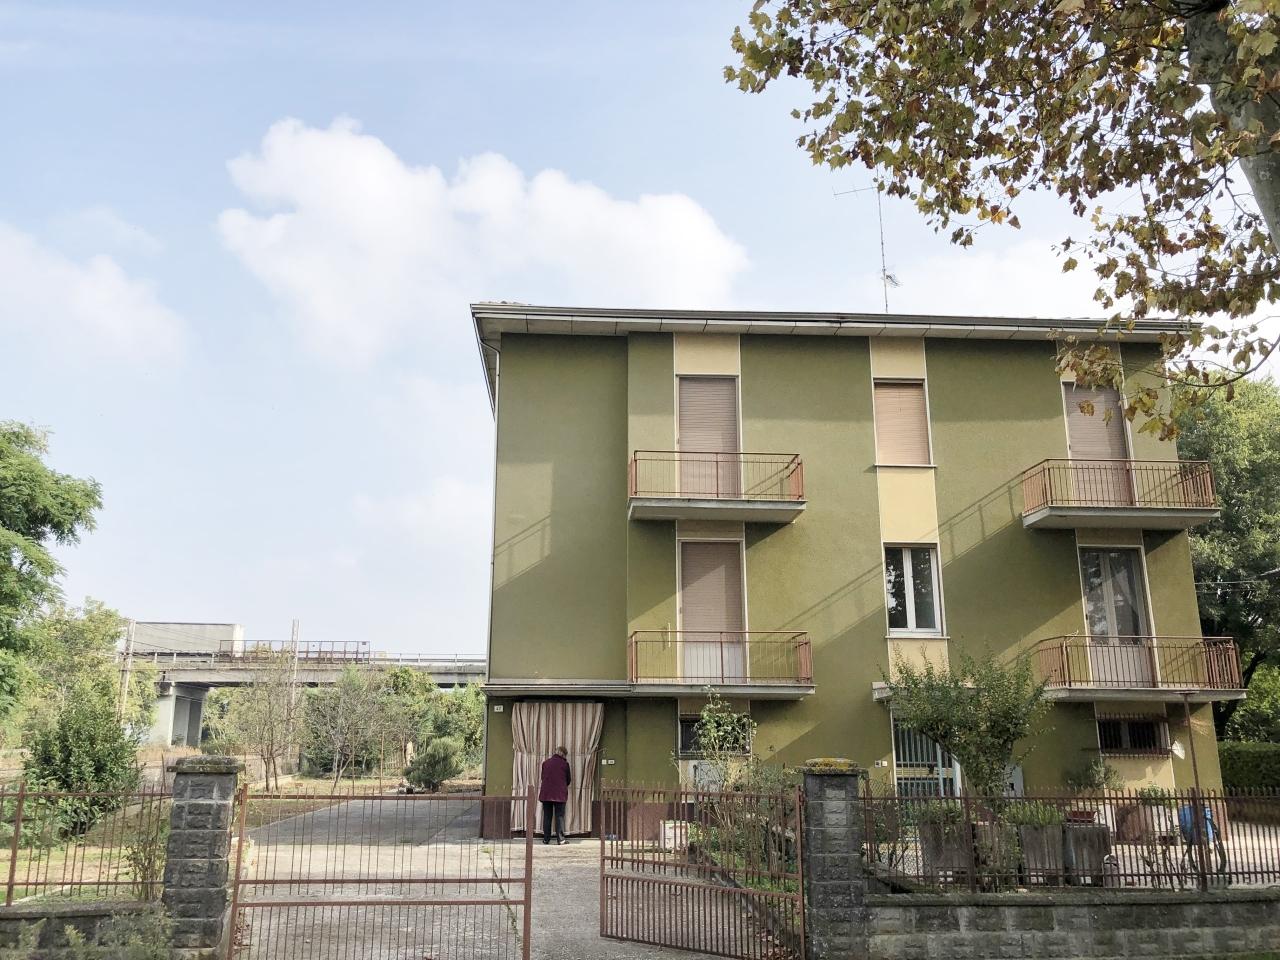 Soluzione Indipendente in vendita a Sant'Ilario d'Enza, 5 locali, prezzo € 119.000 | PortaleAgenzieImmobiliari.it